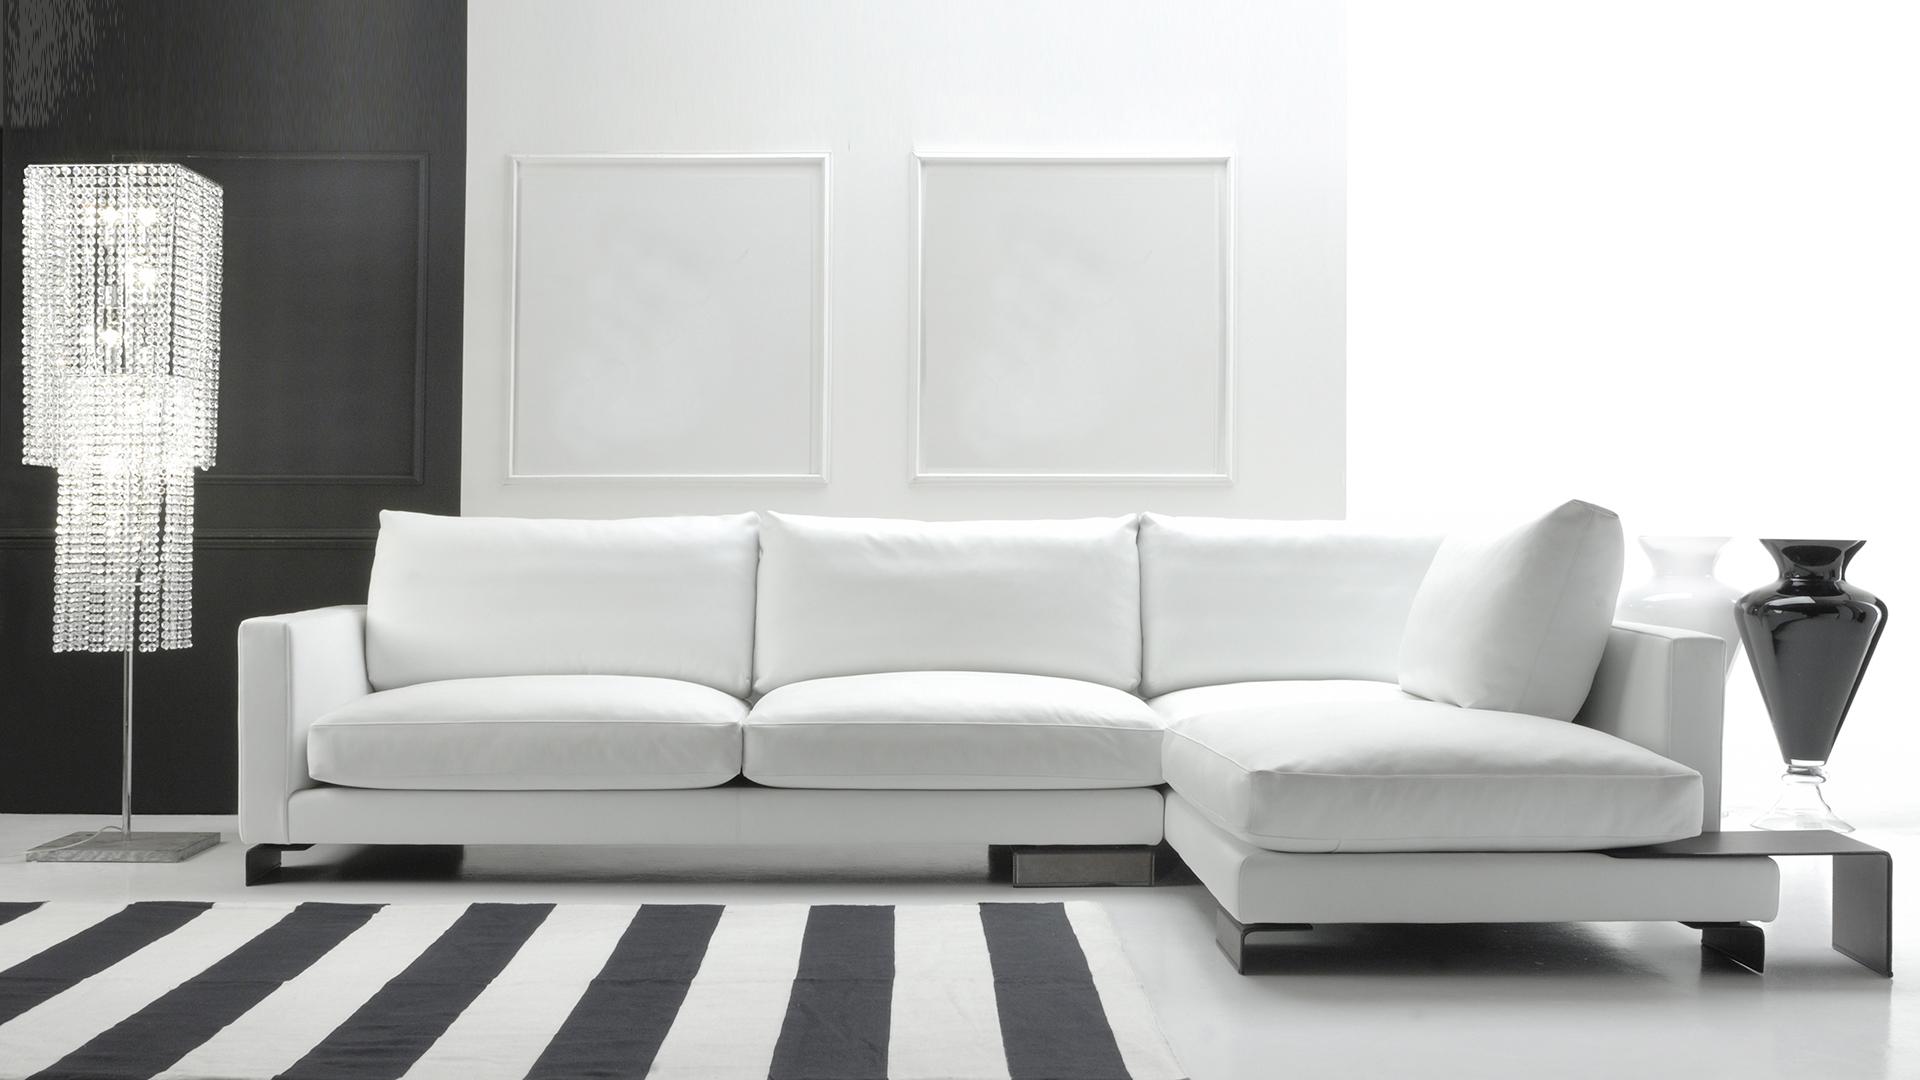 divano-angolare-comodo-robben-murtarelli